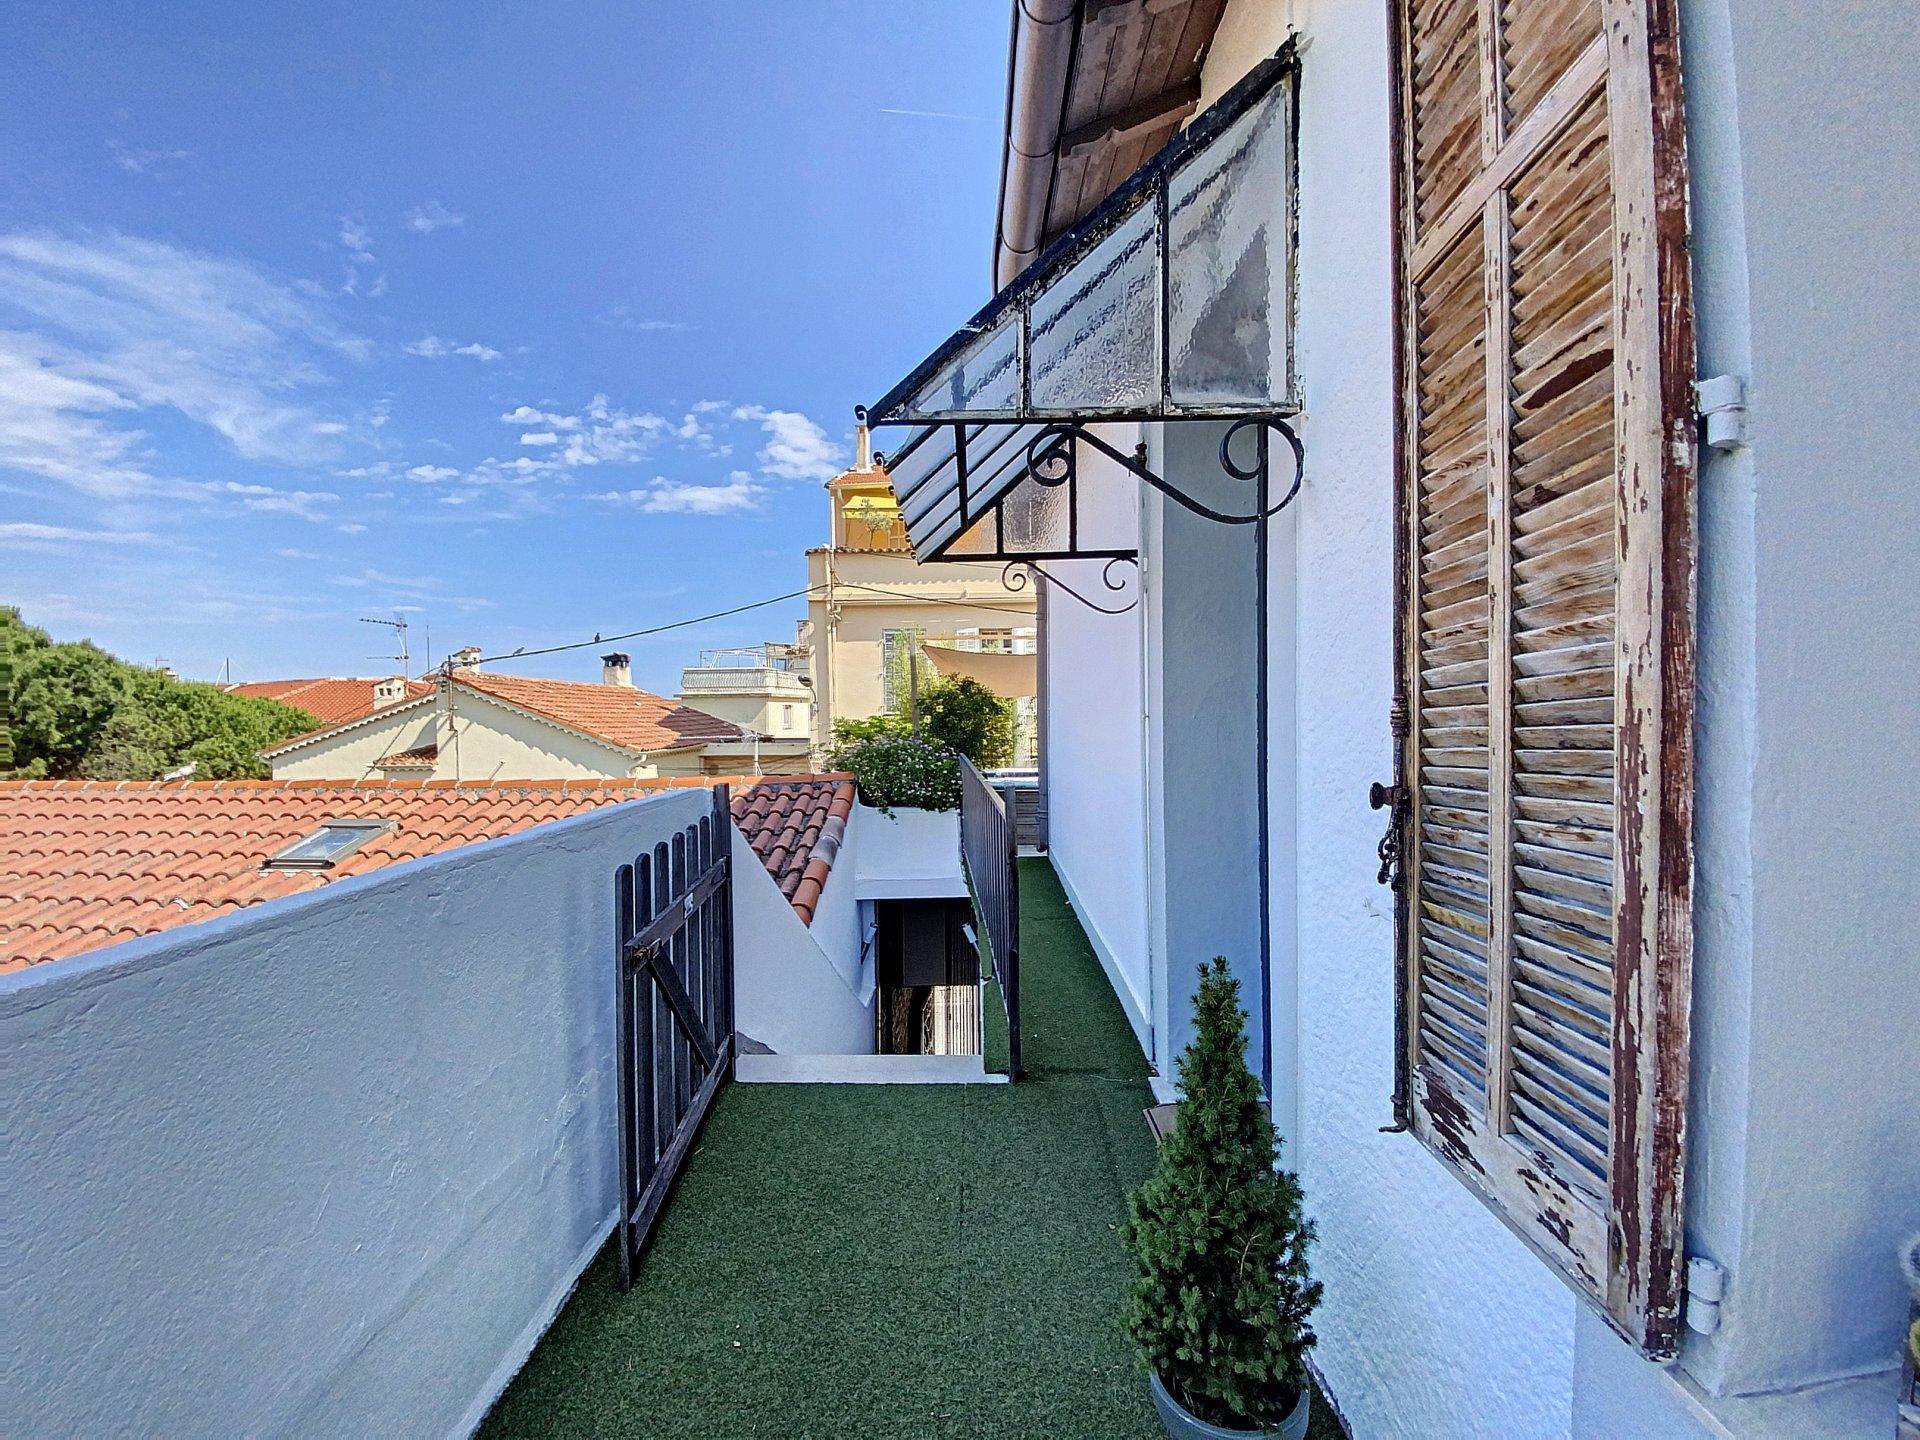 Stanislas : Immeuble avec spacieux appartement et entrepôt et studio